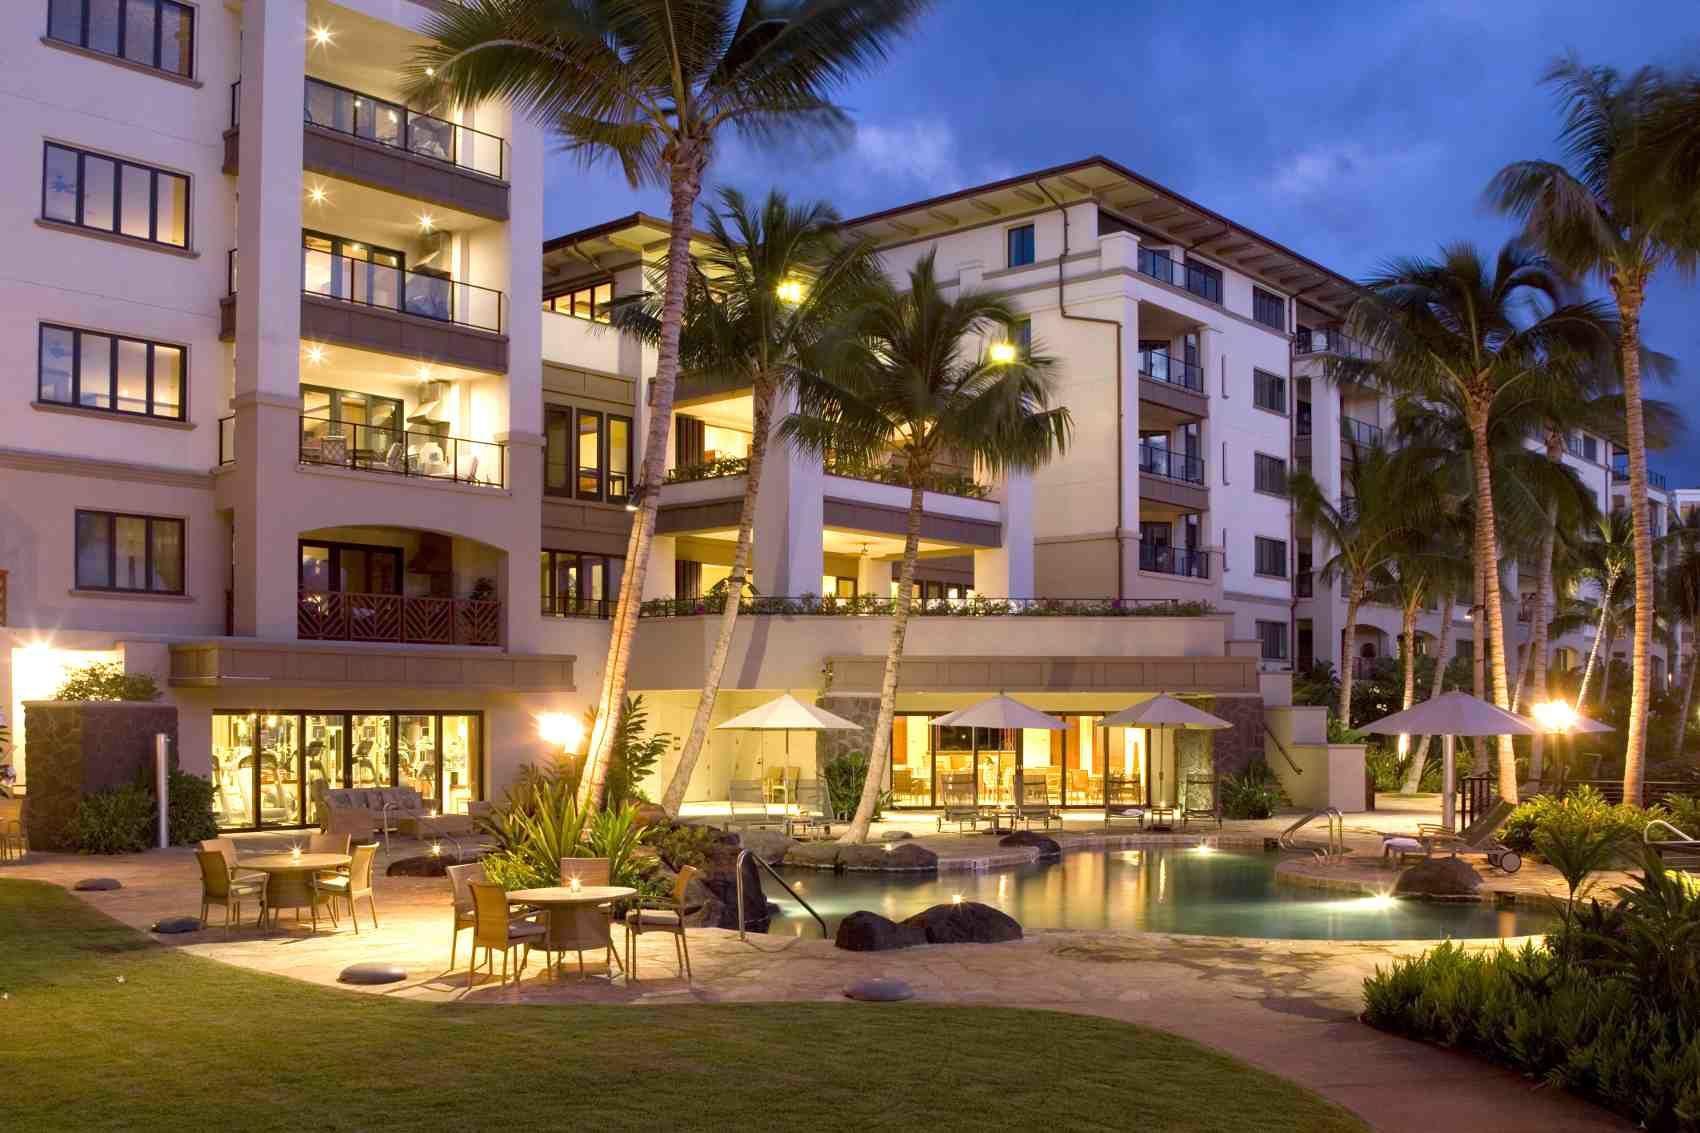 2 Bedroom Wailea Beach Villas